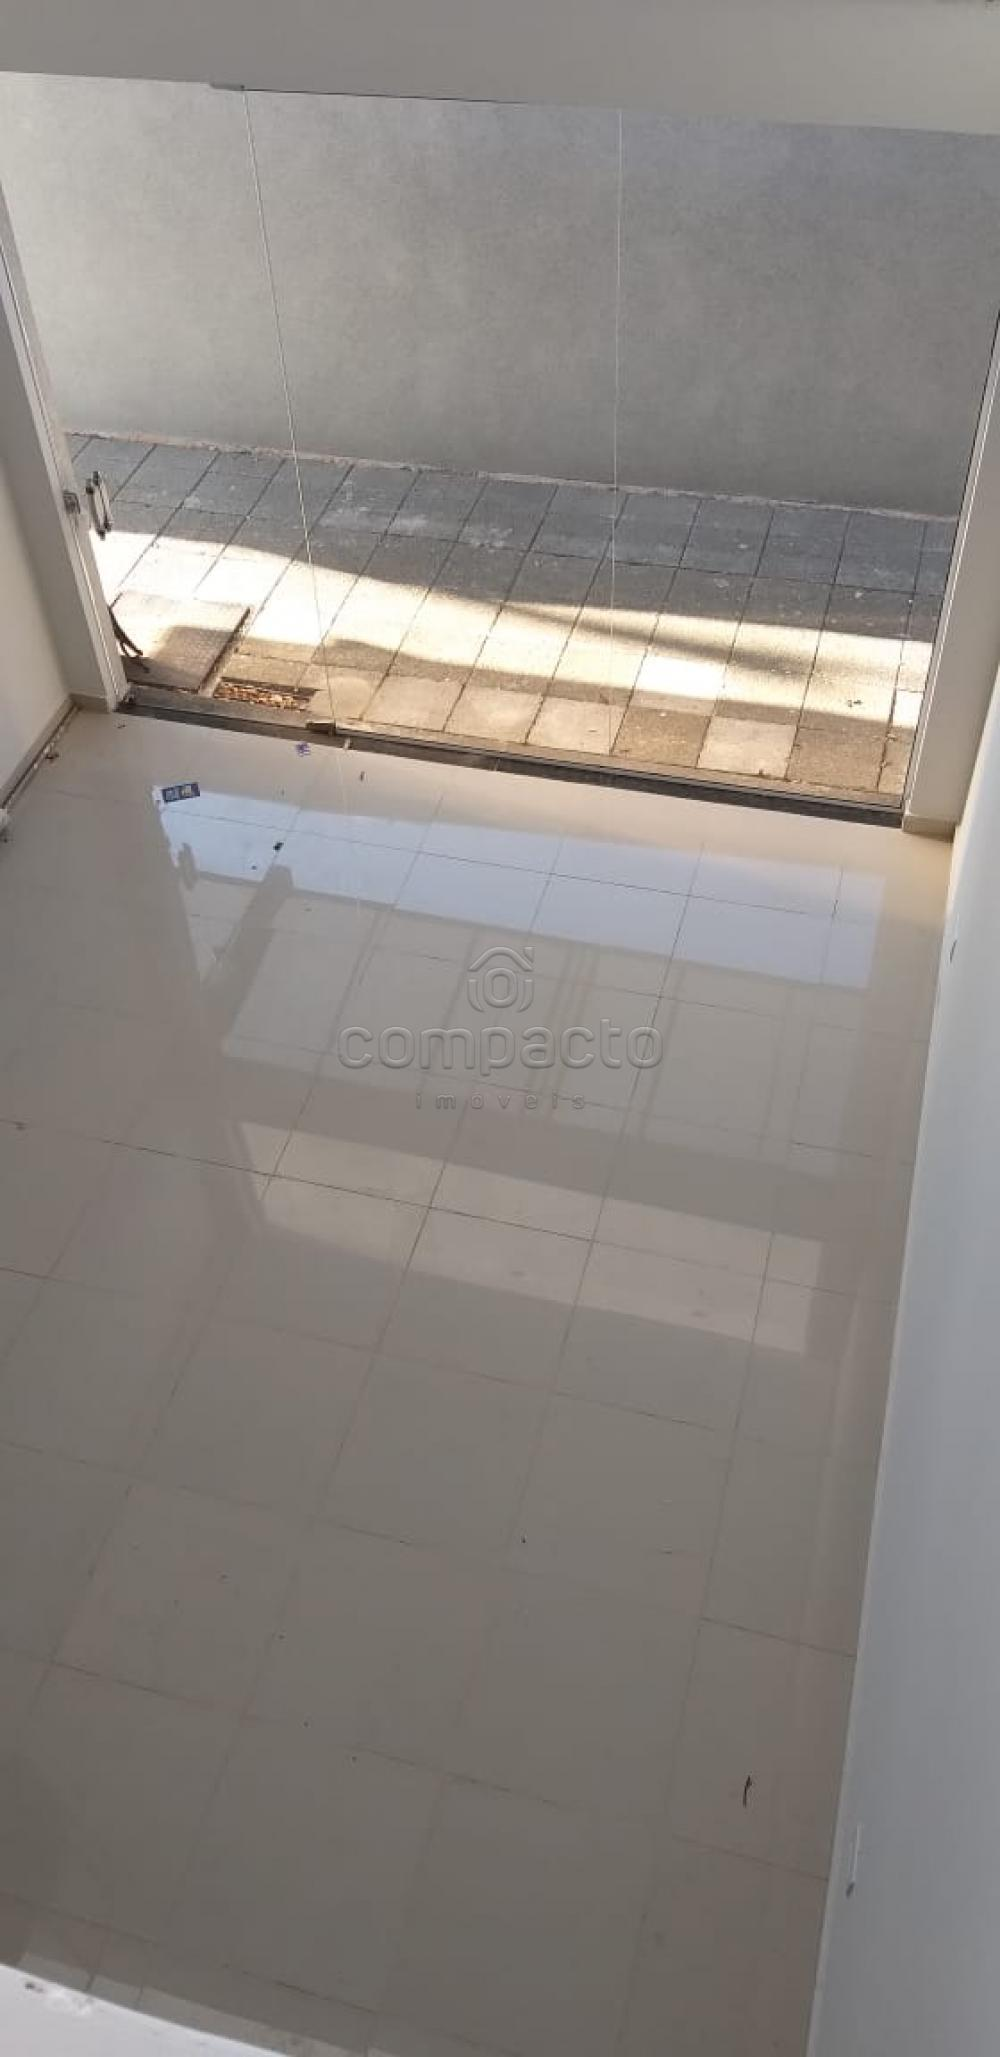 Alugar Comercial / Loja/Sala em São José do Rio Preto apenas R$ 1.050,00 - Foto 9